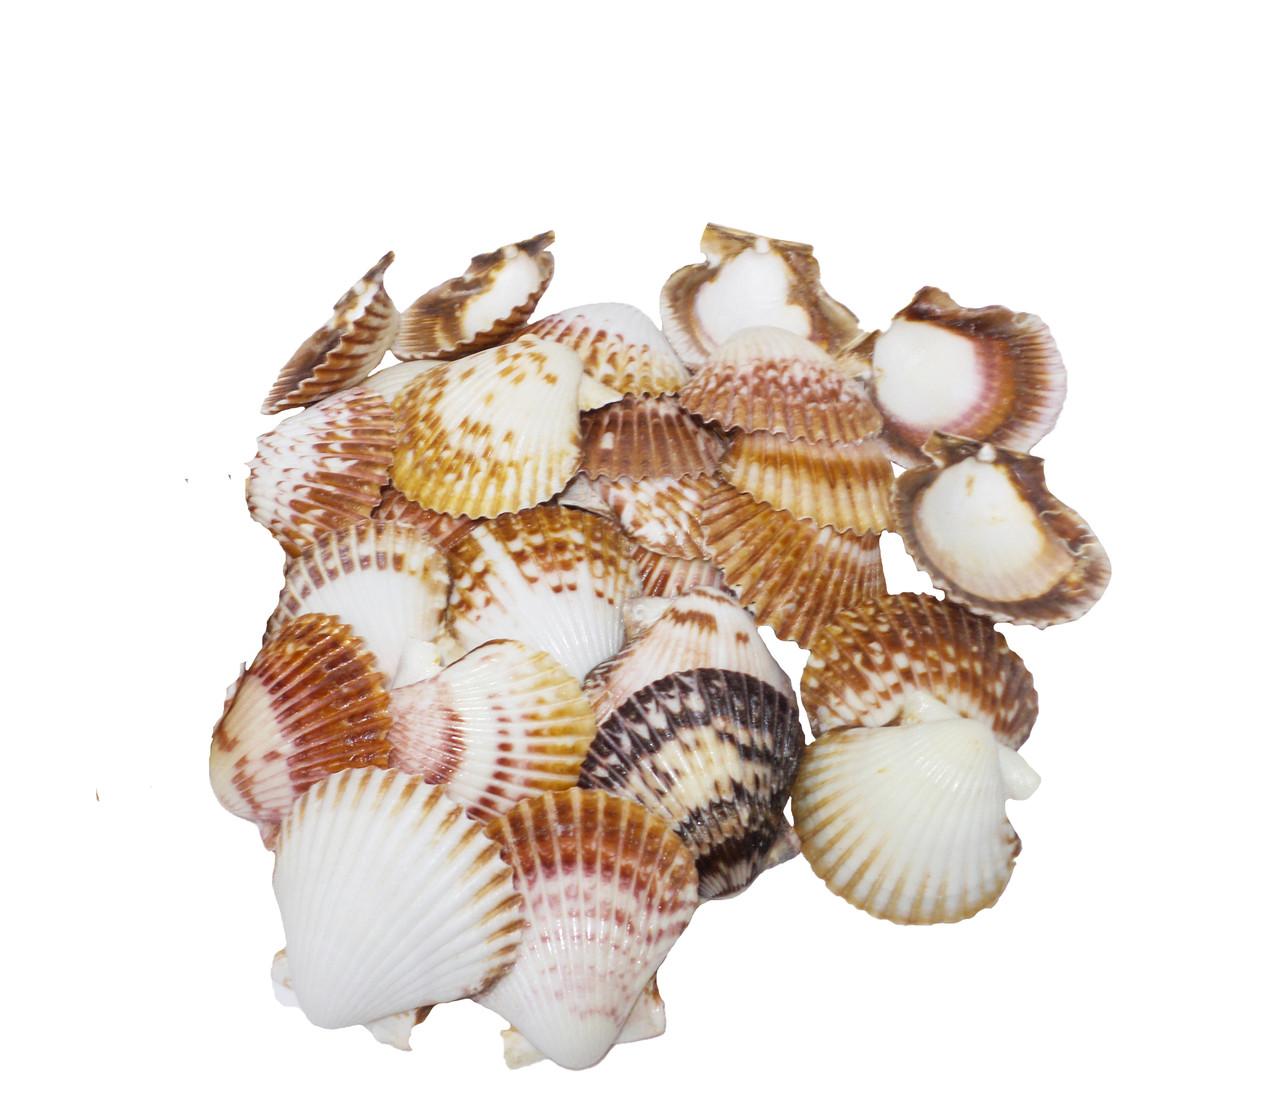 Giant Brown Pecten Lacquered Seashells